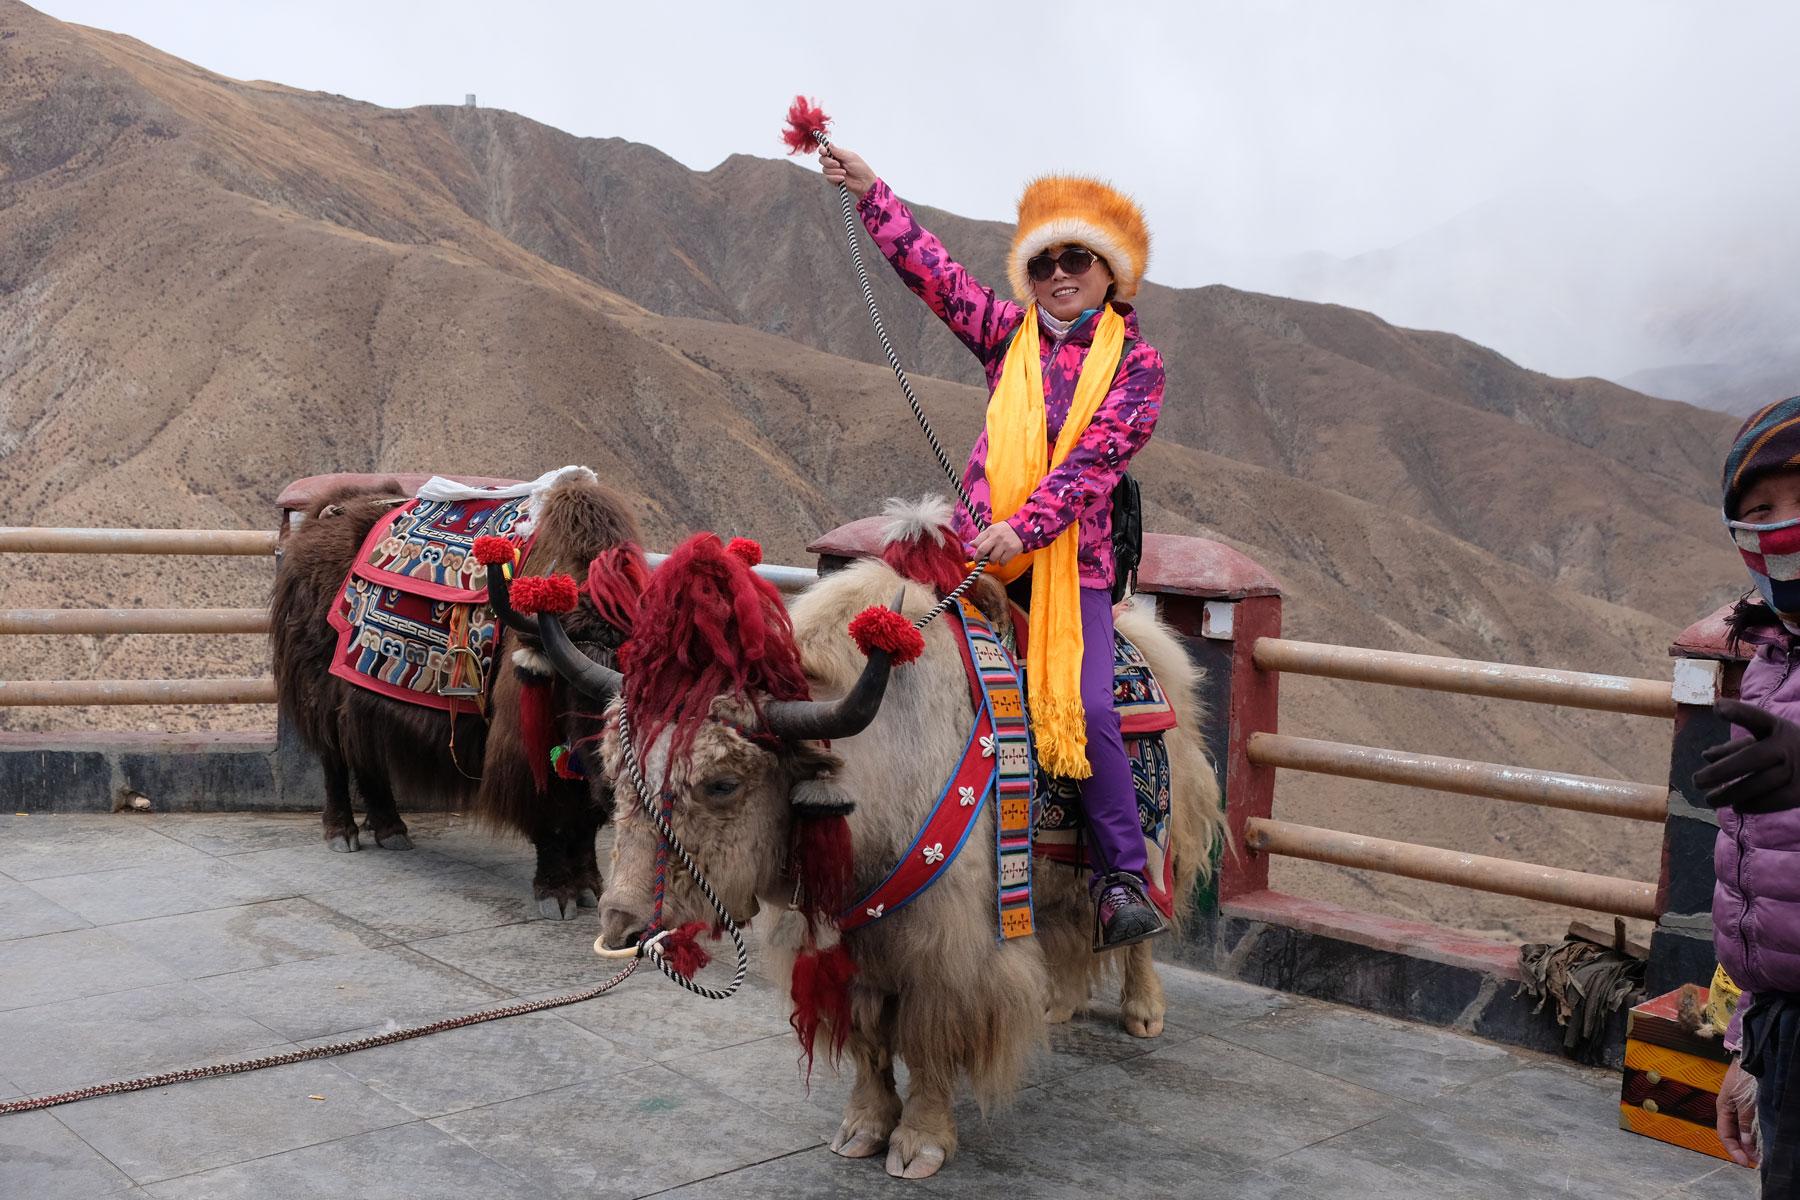 Eine Chinesin sitzt auf einem Yak und trägt traditionelle tibetische Kleidung.